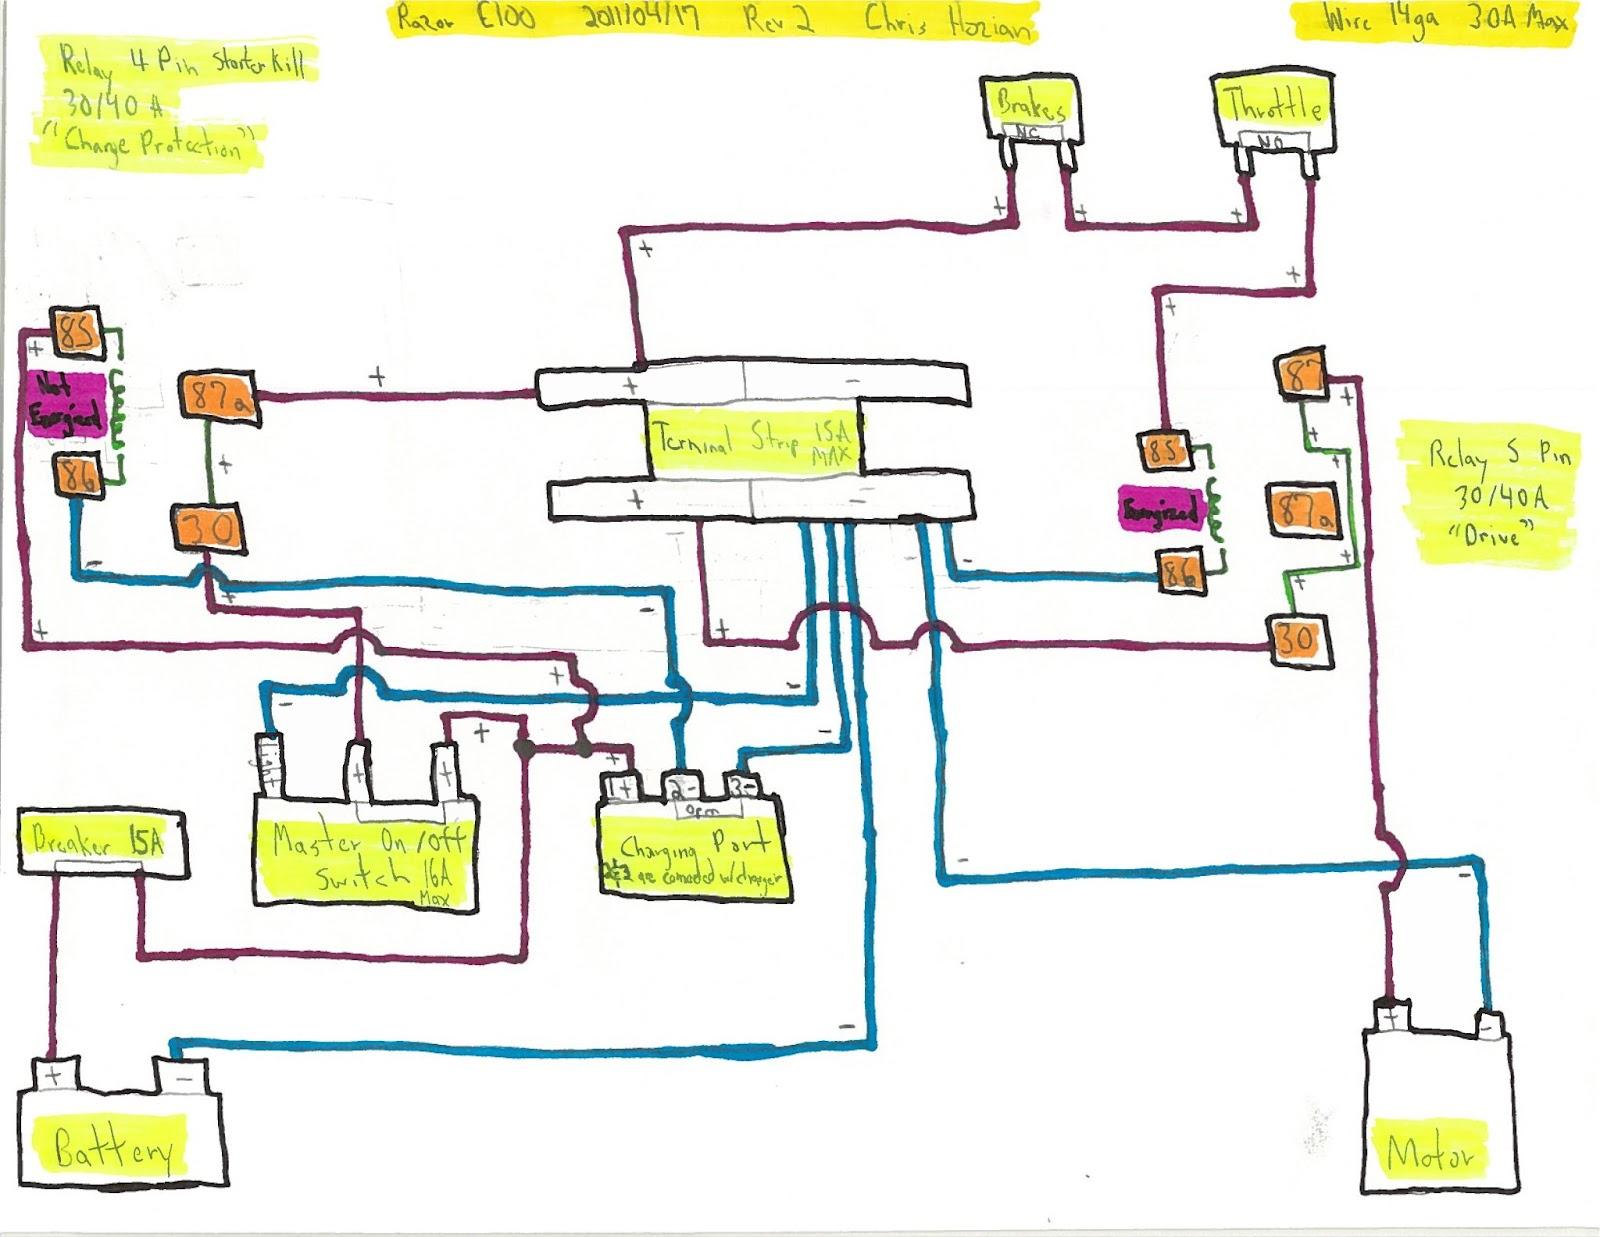 hight resolution of razor mod scooter wiring diagram wiring diagram schematicsrazor sport mod electric scooter wiring diagram wiring library